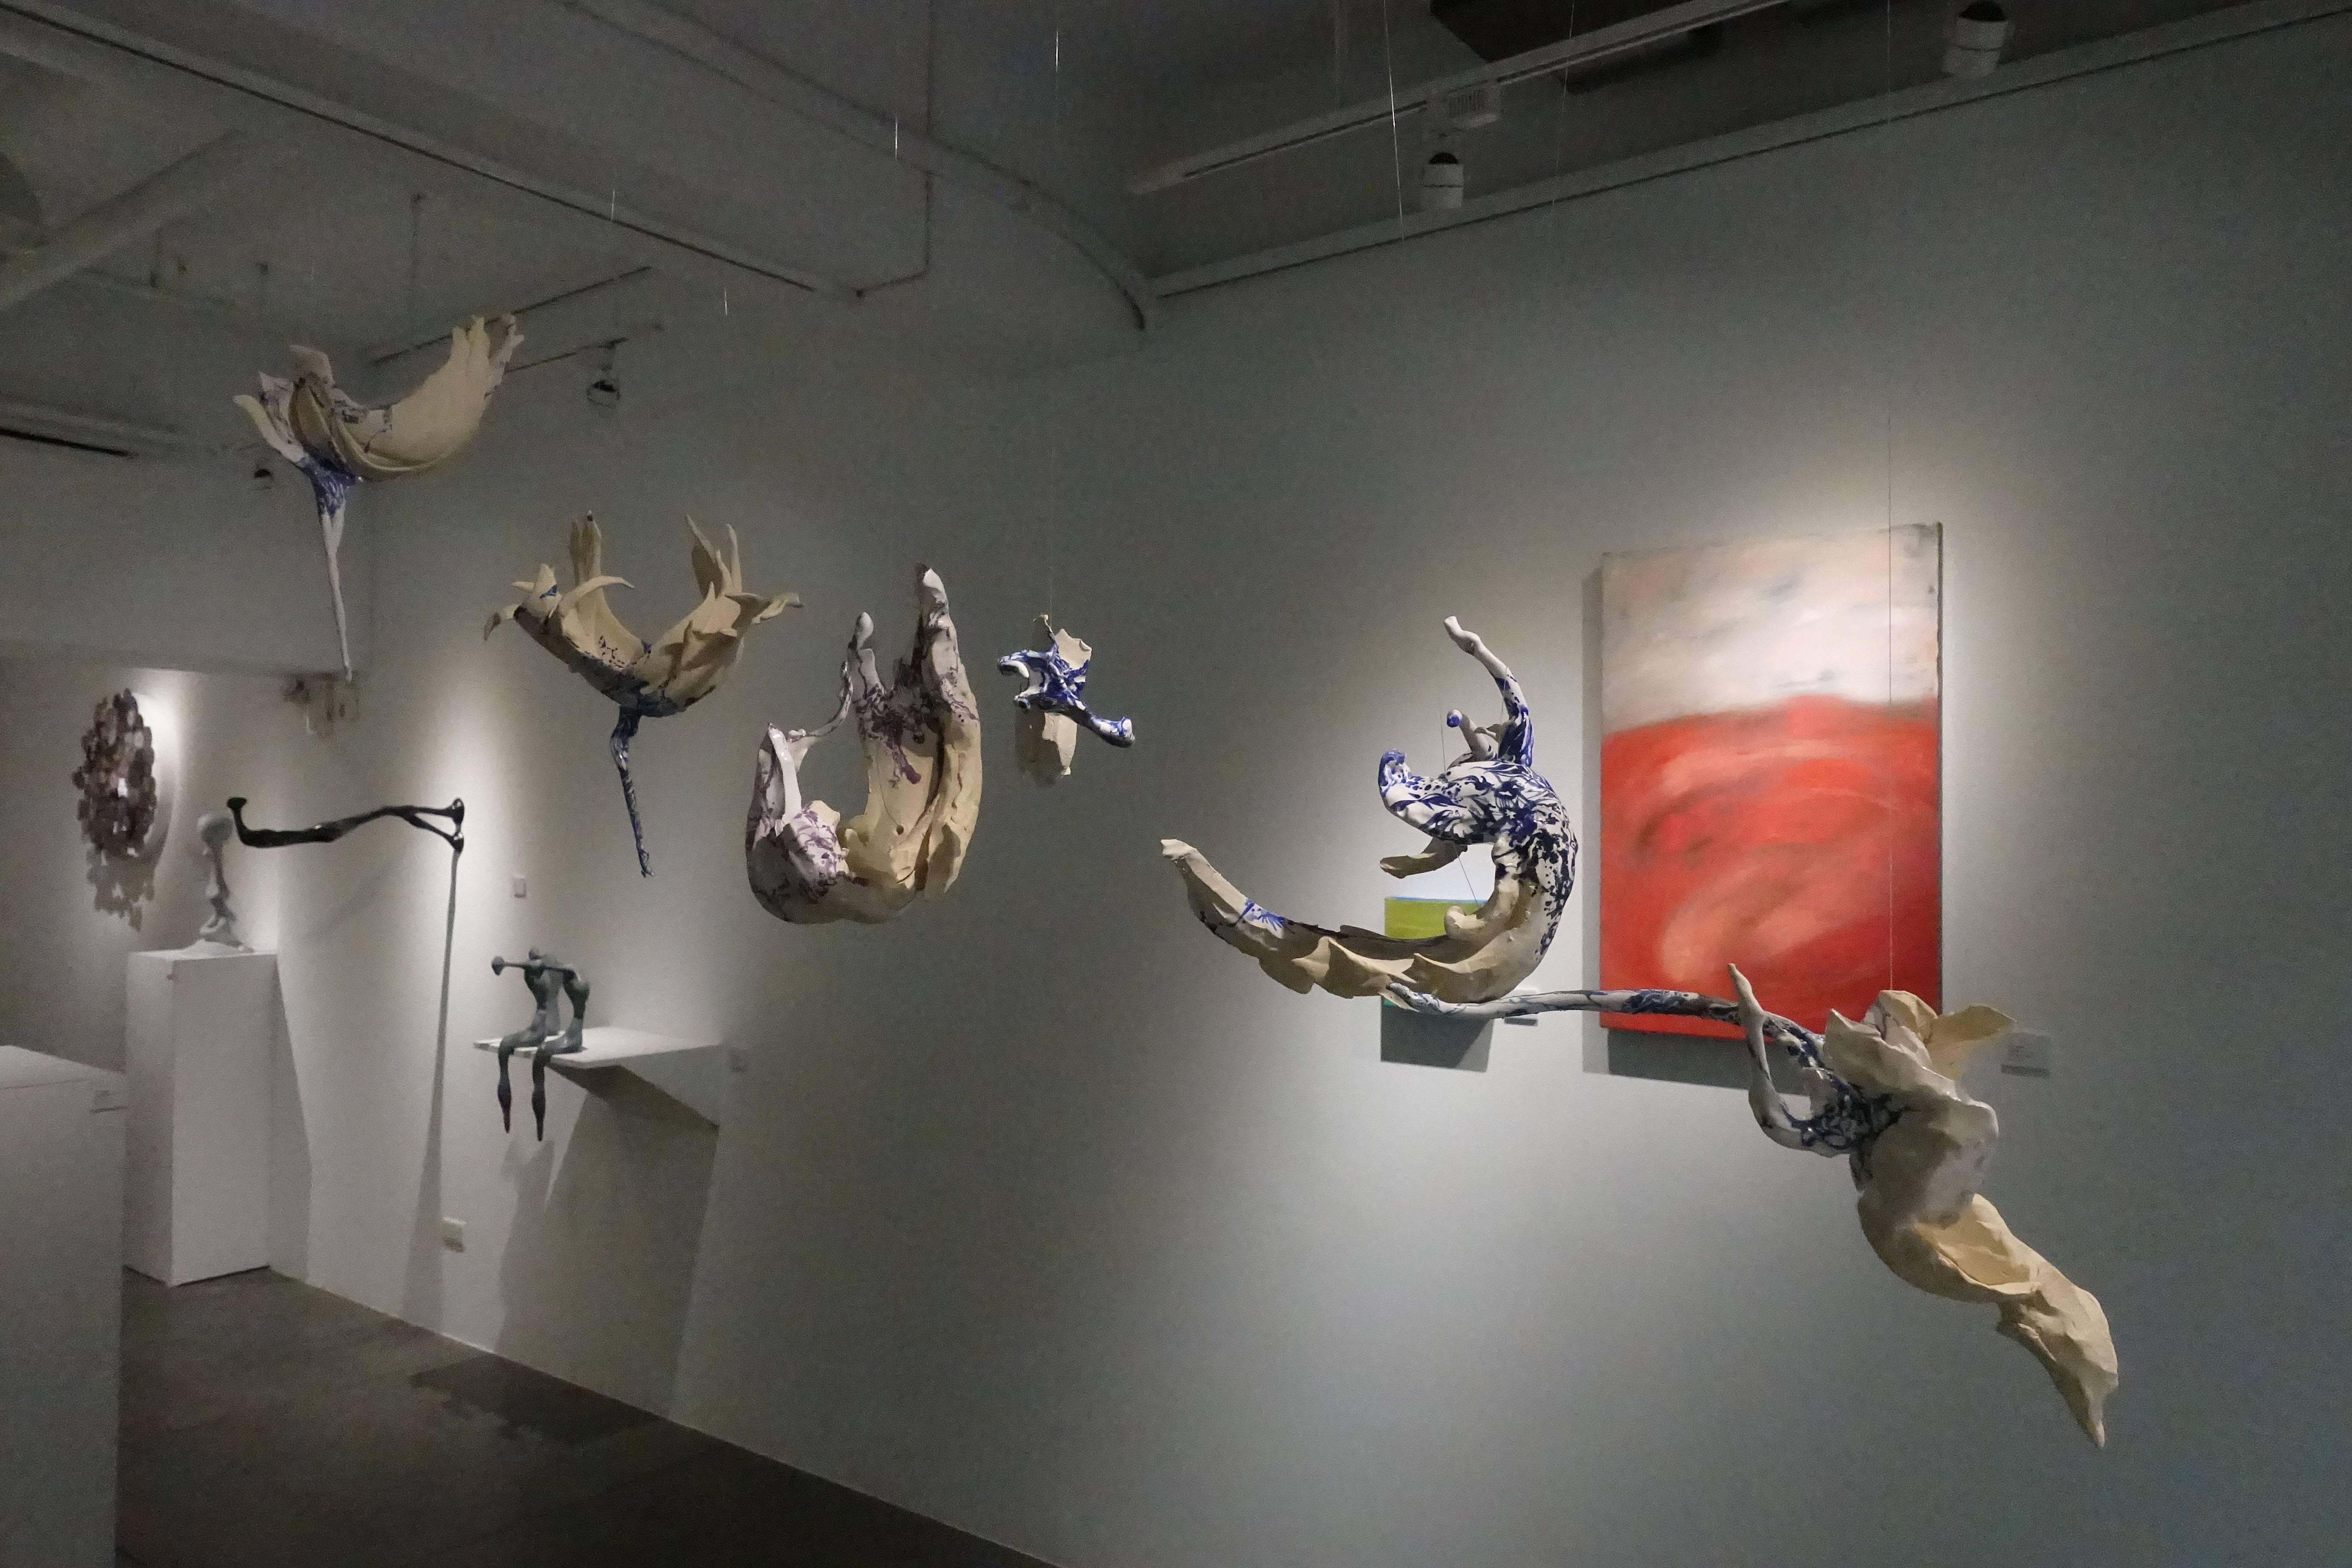 新聲藝術家徵件展於CC GALLERY展覽現場一景。